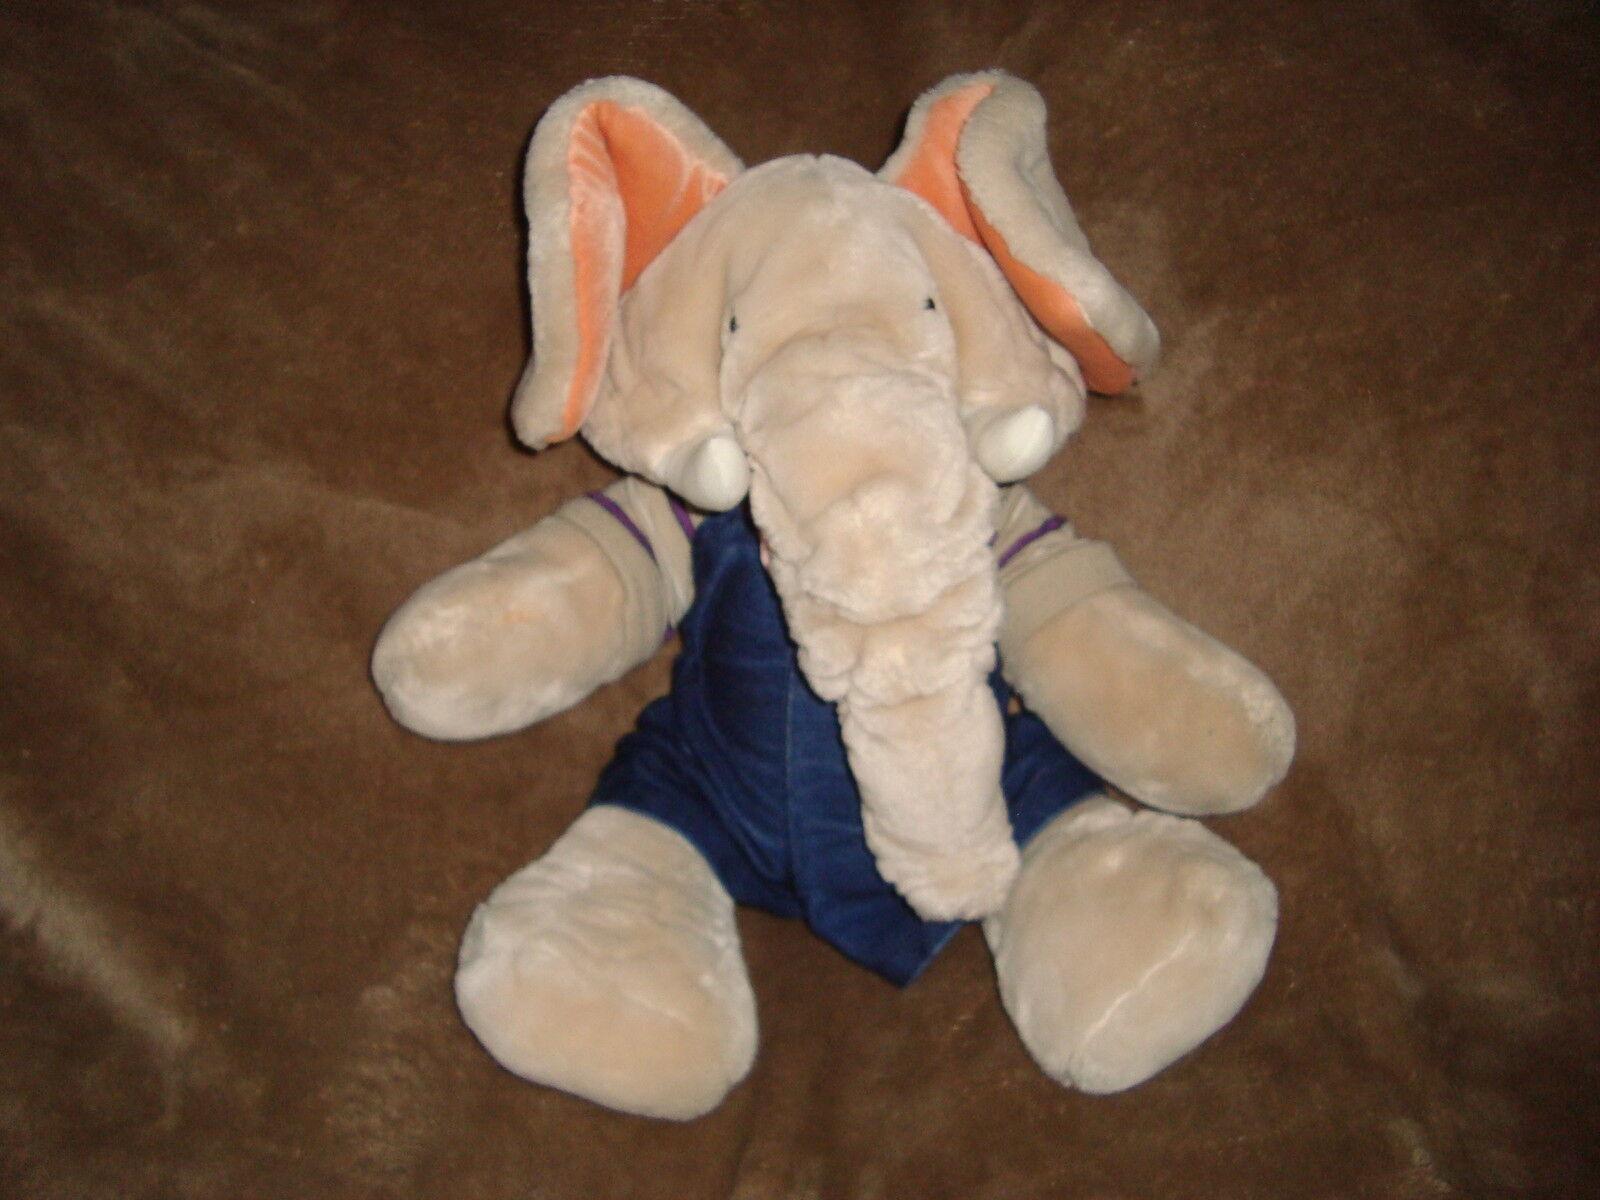 Wrinkles Elephant Full Body Hand Puppet Boy Trunkit Vintage 1985 Plush 17